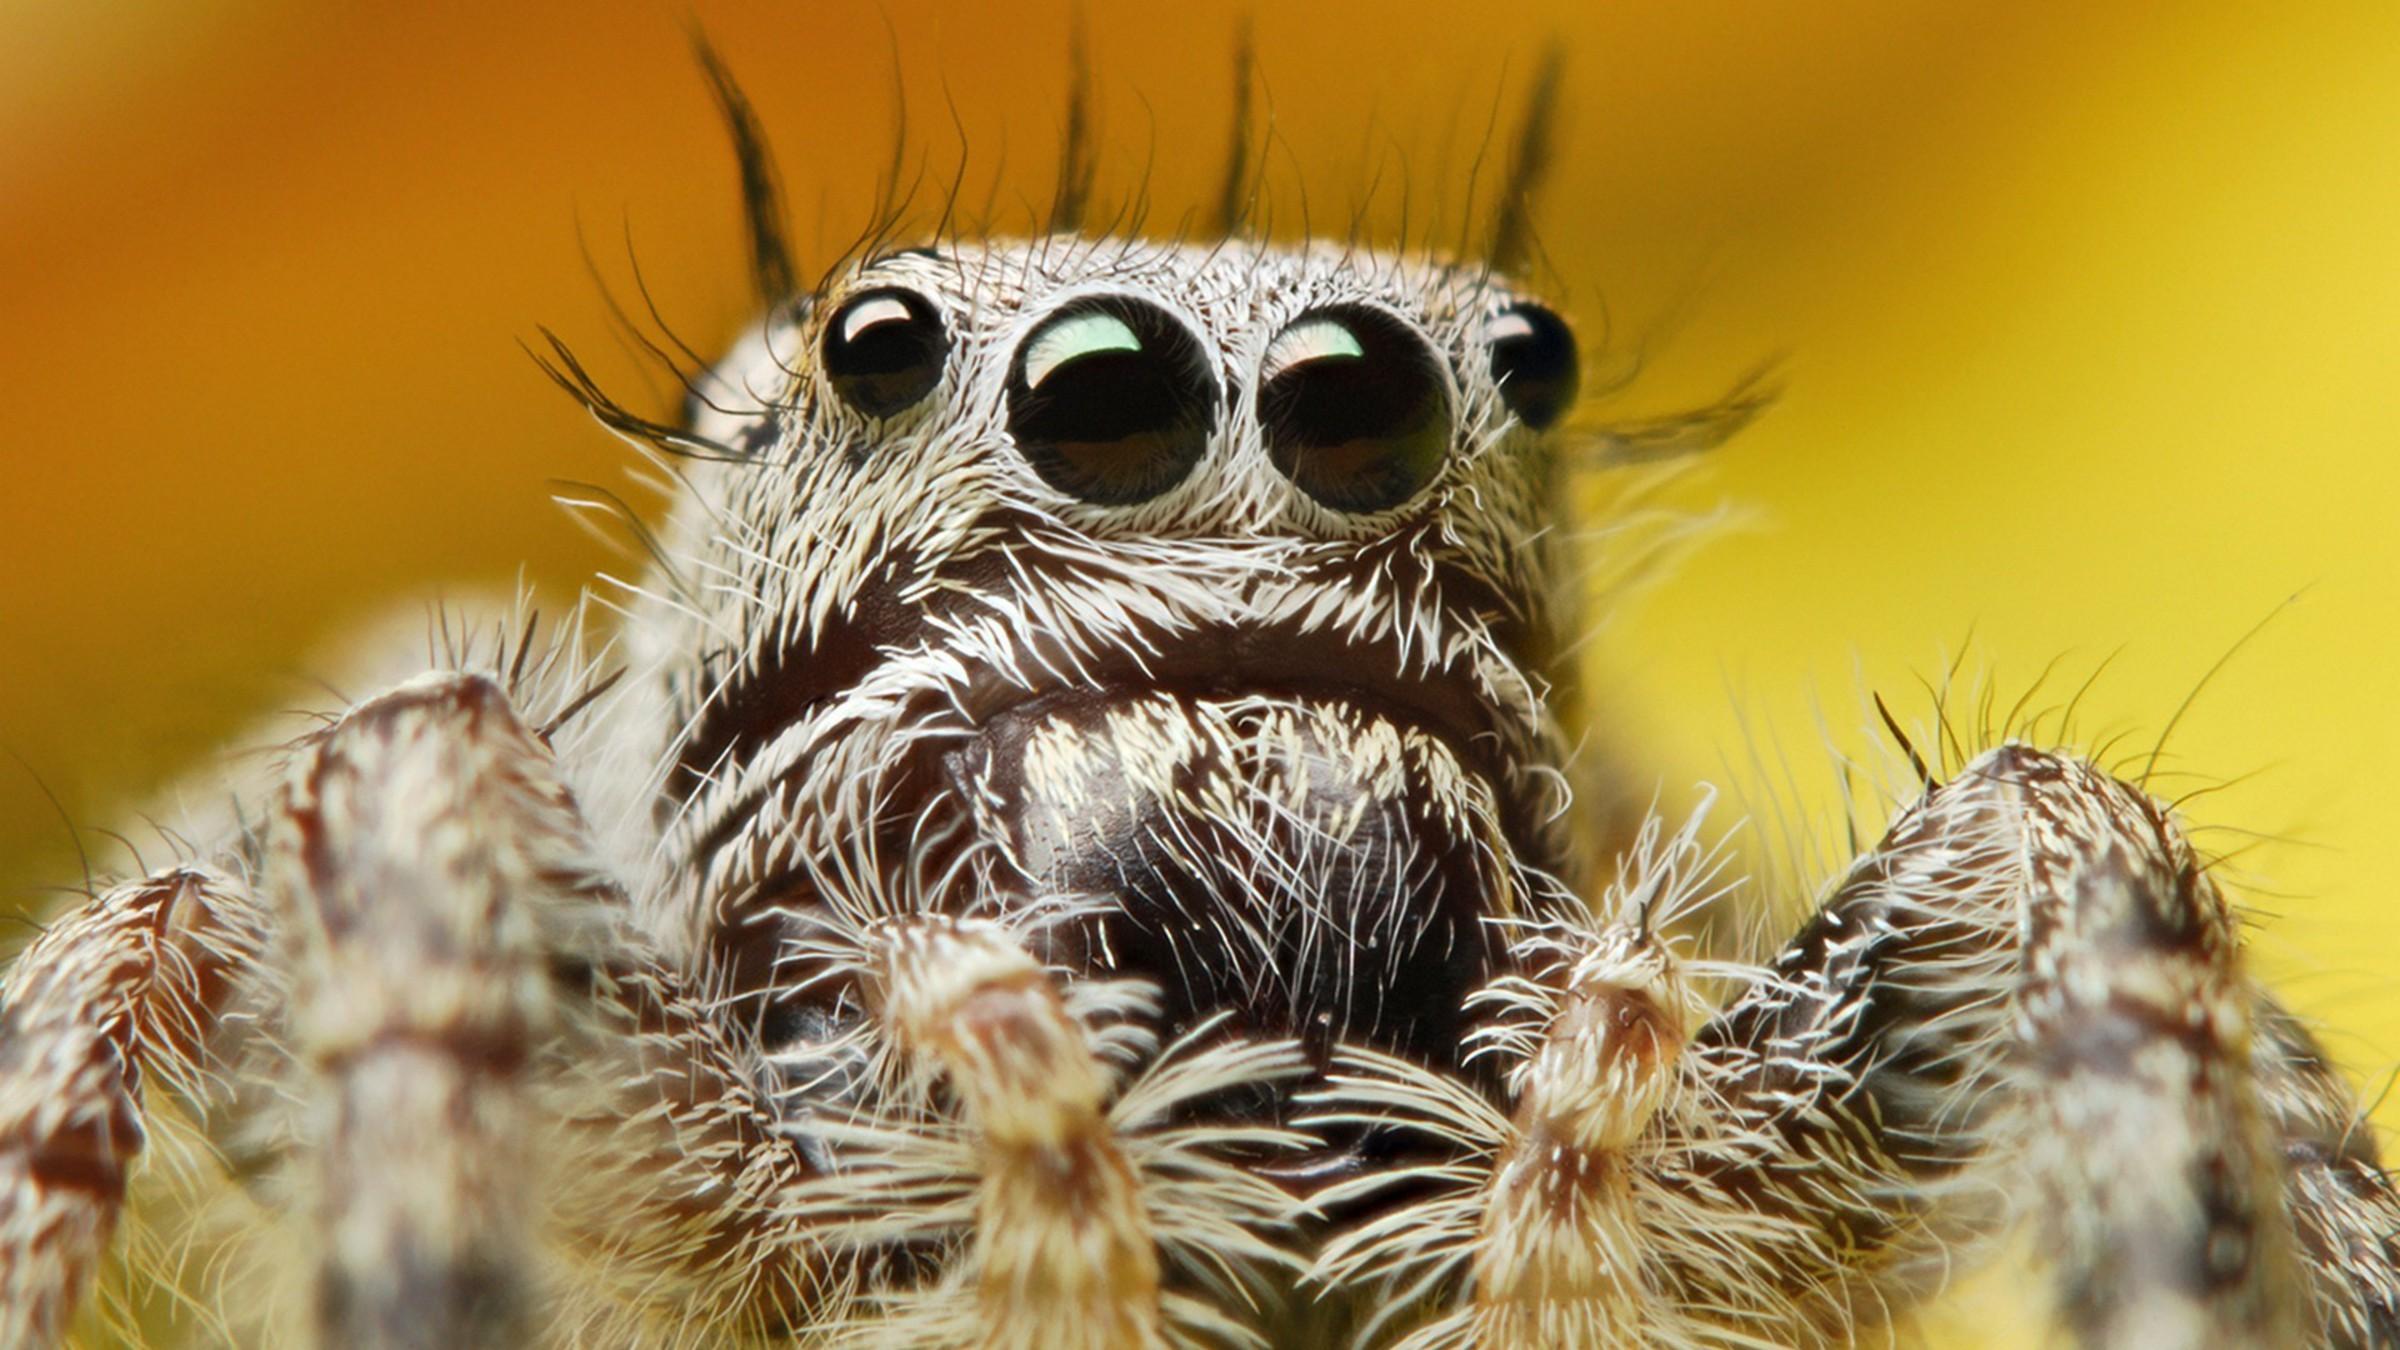 природа животные паук  № 2544194 загрузить